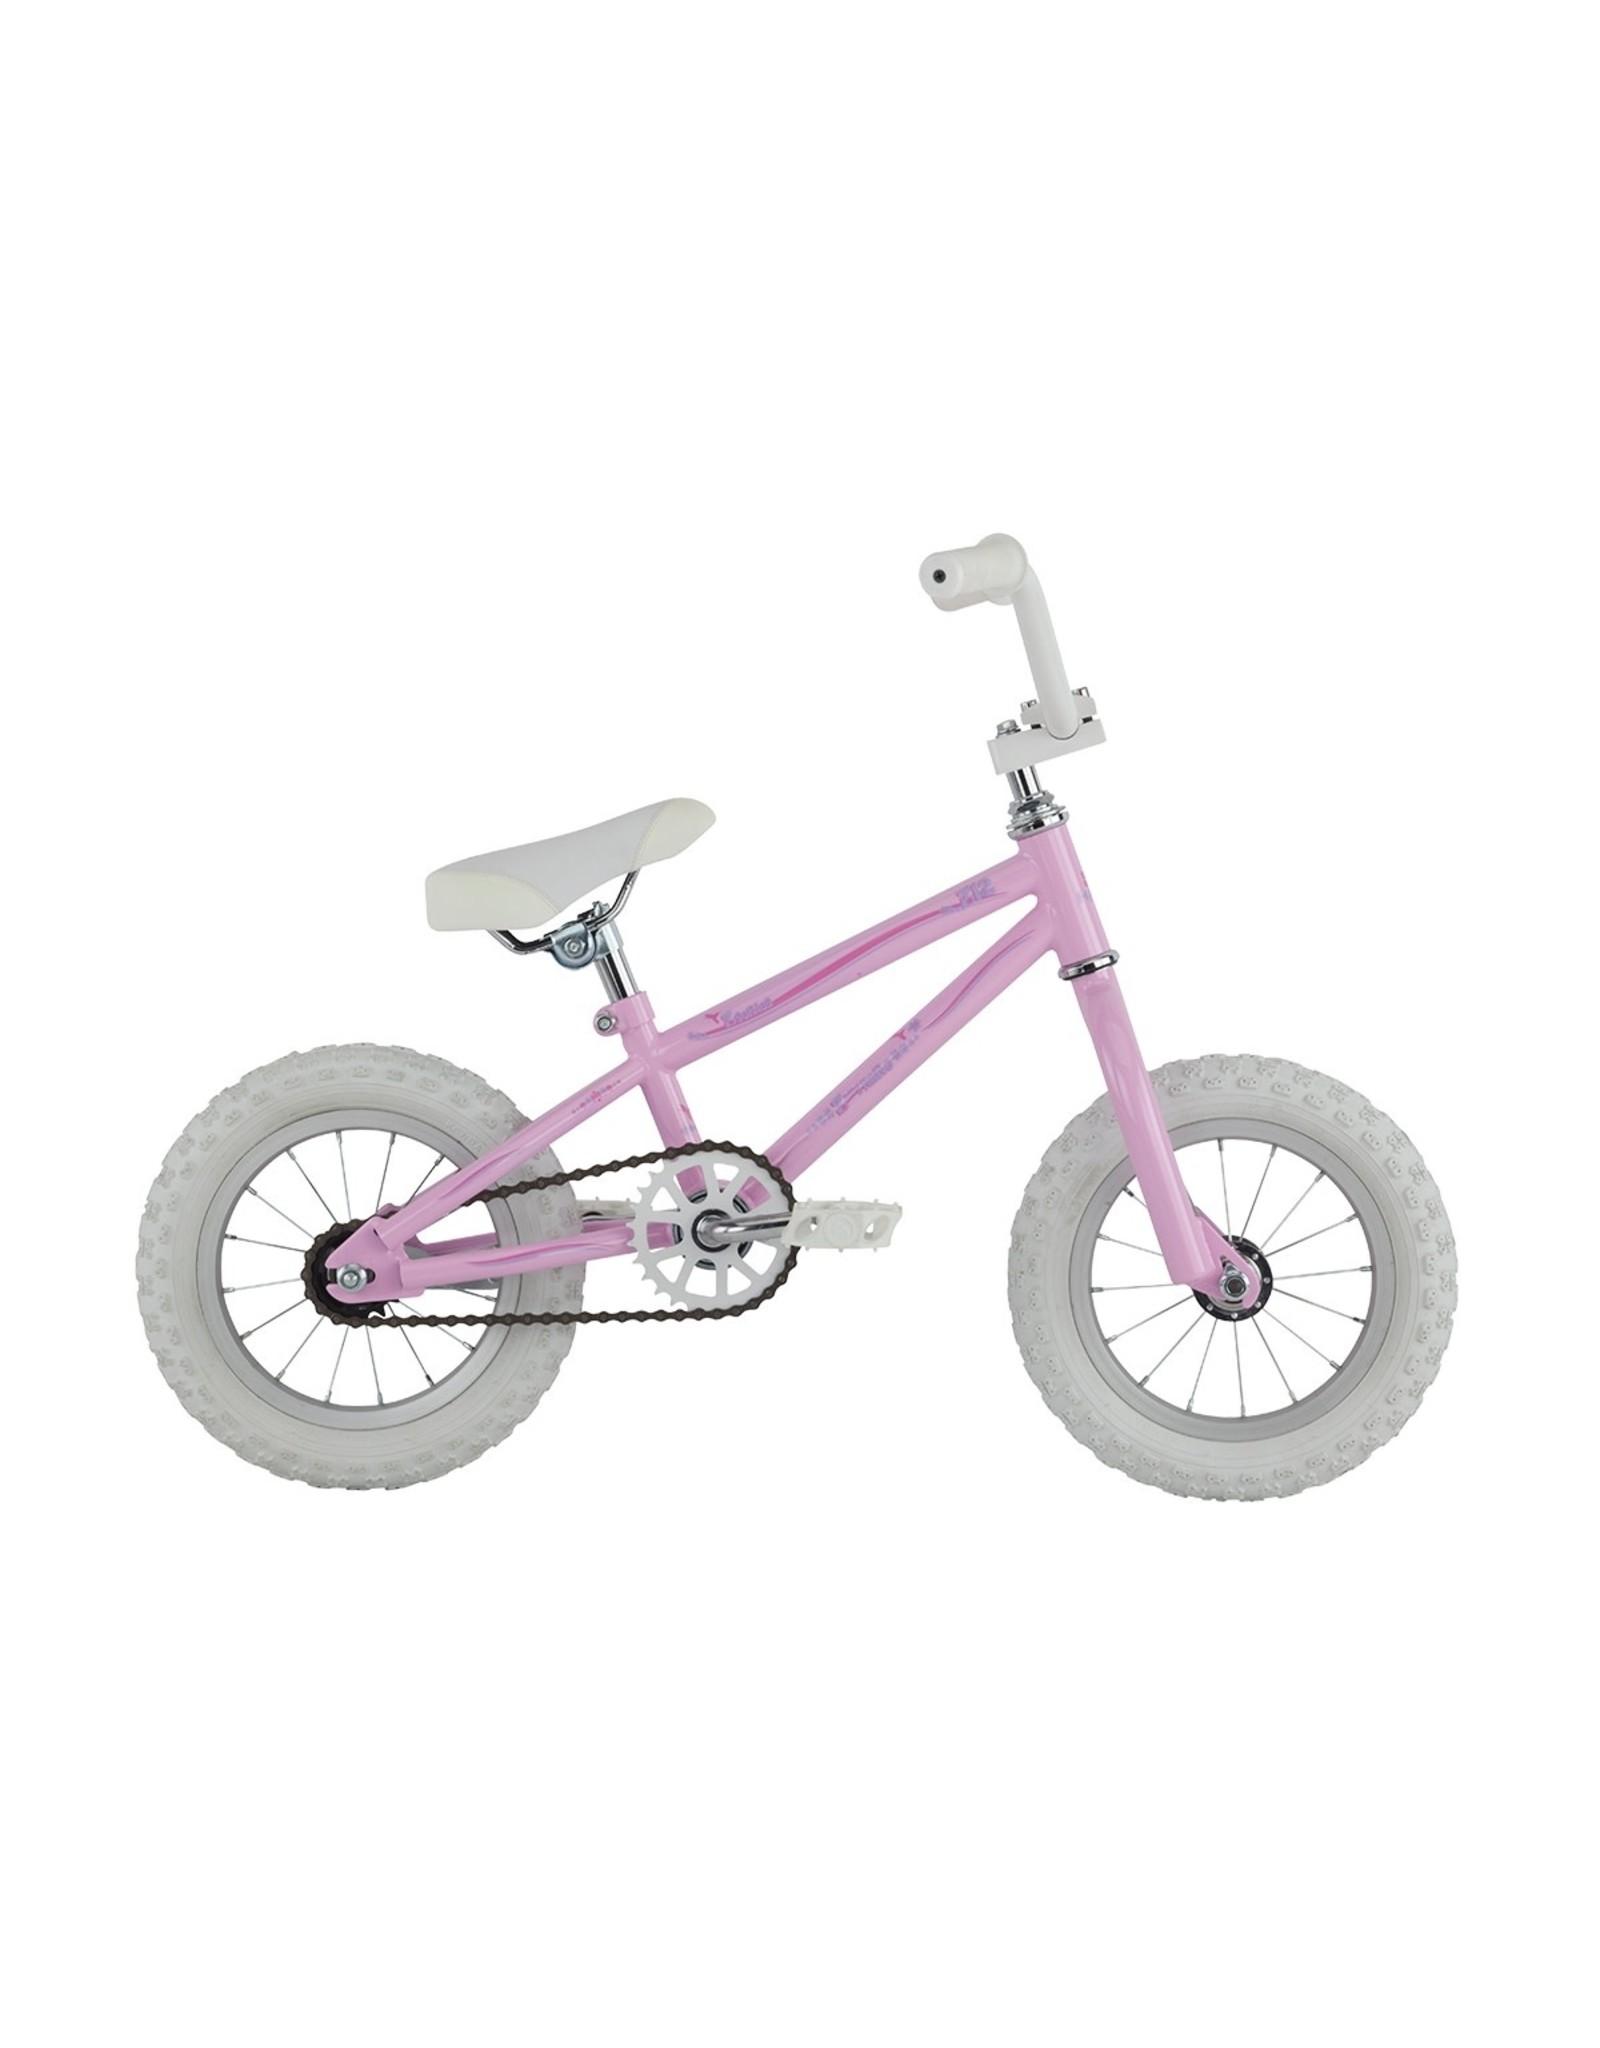 Haro Children's Bike - HARO Z-12 Gloss Pink